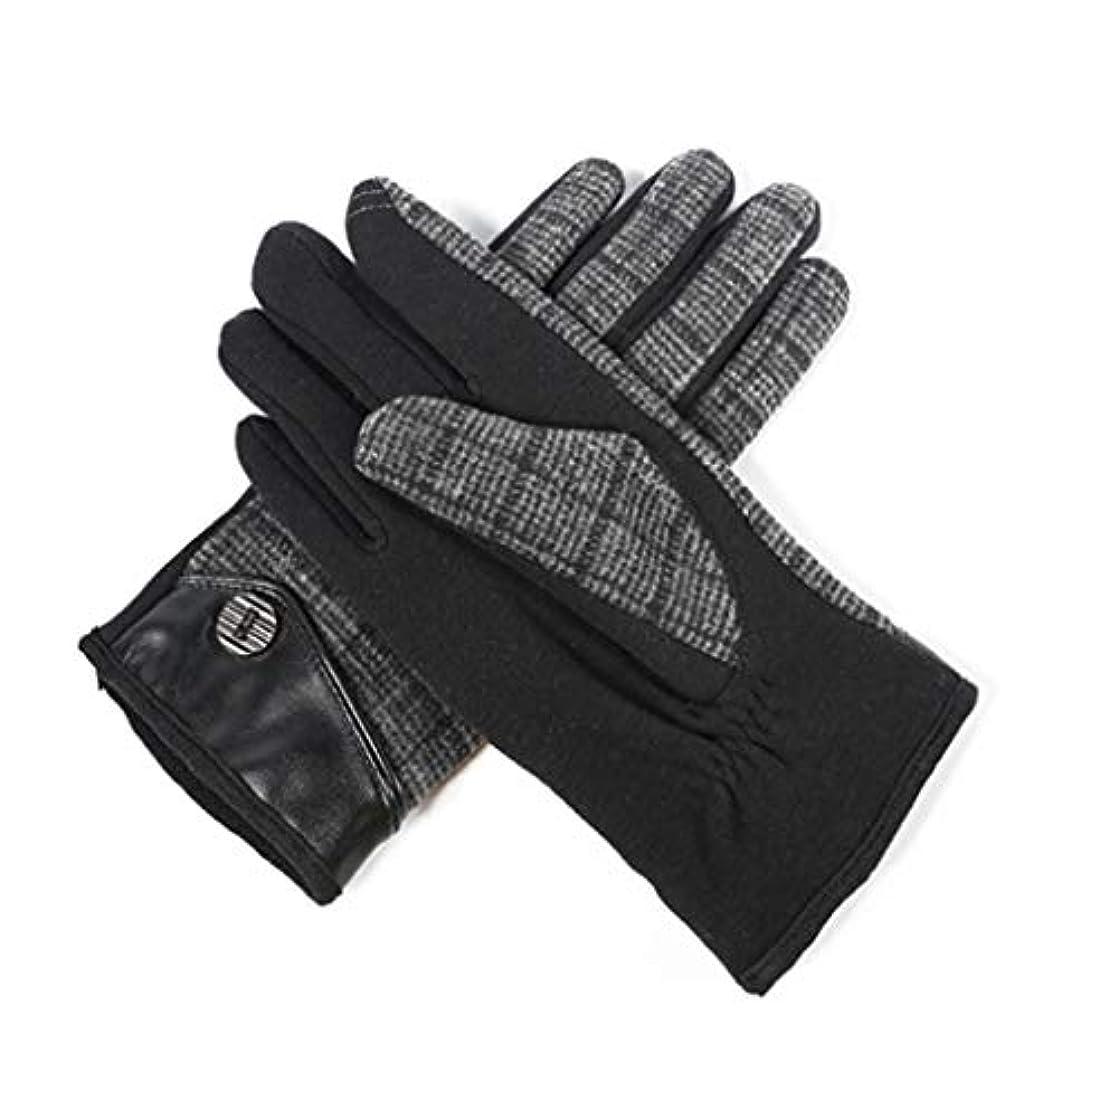 急いでびっくりする不正直暖かいメンズサイクリング用手袋を保つための男性用手袋プラスベルベットの秋冬用手袋